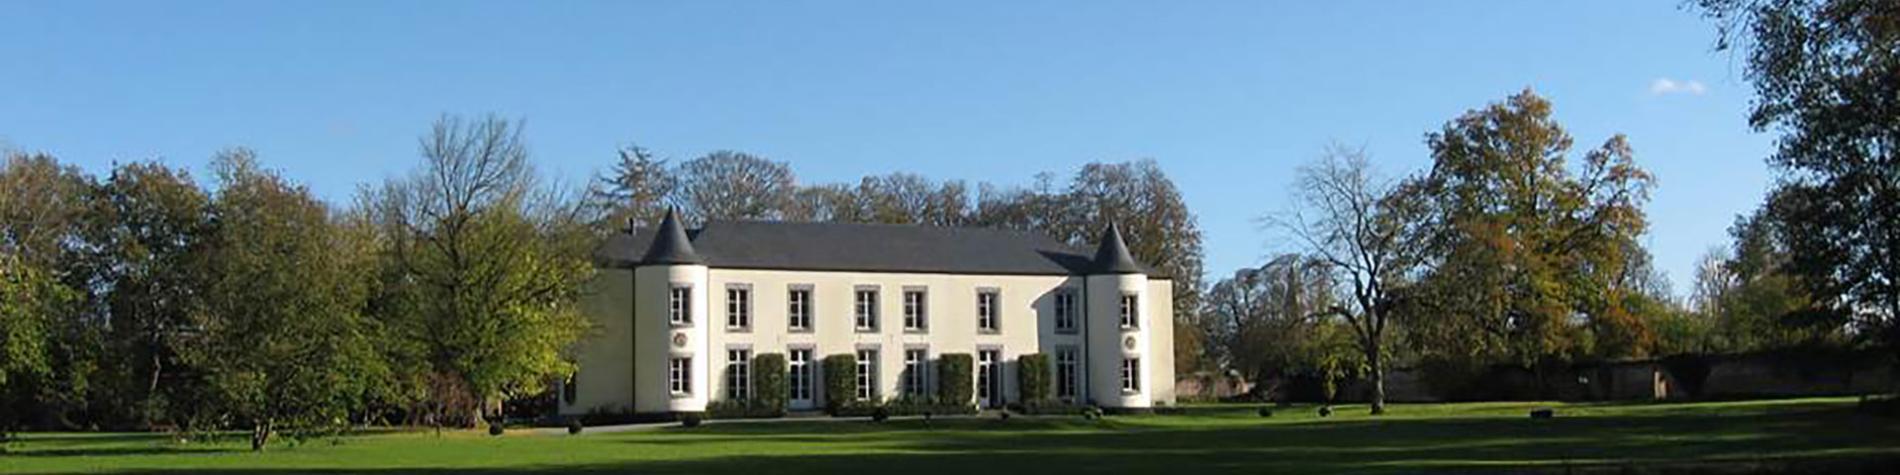 Amon l'Comte - Gîte rural - Hannut - château